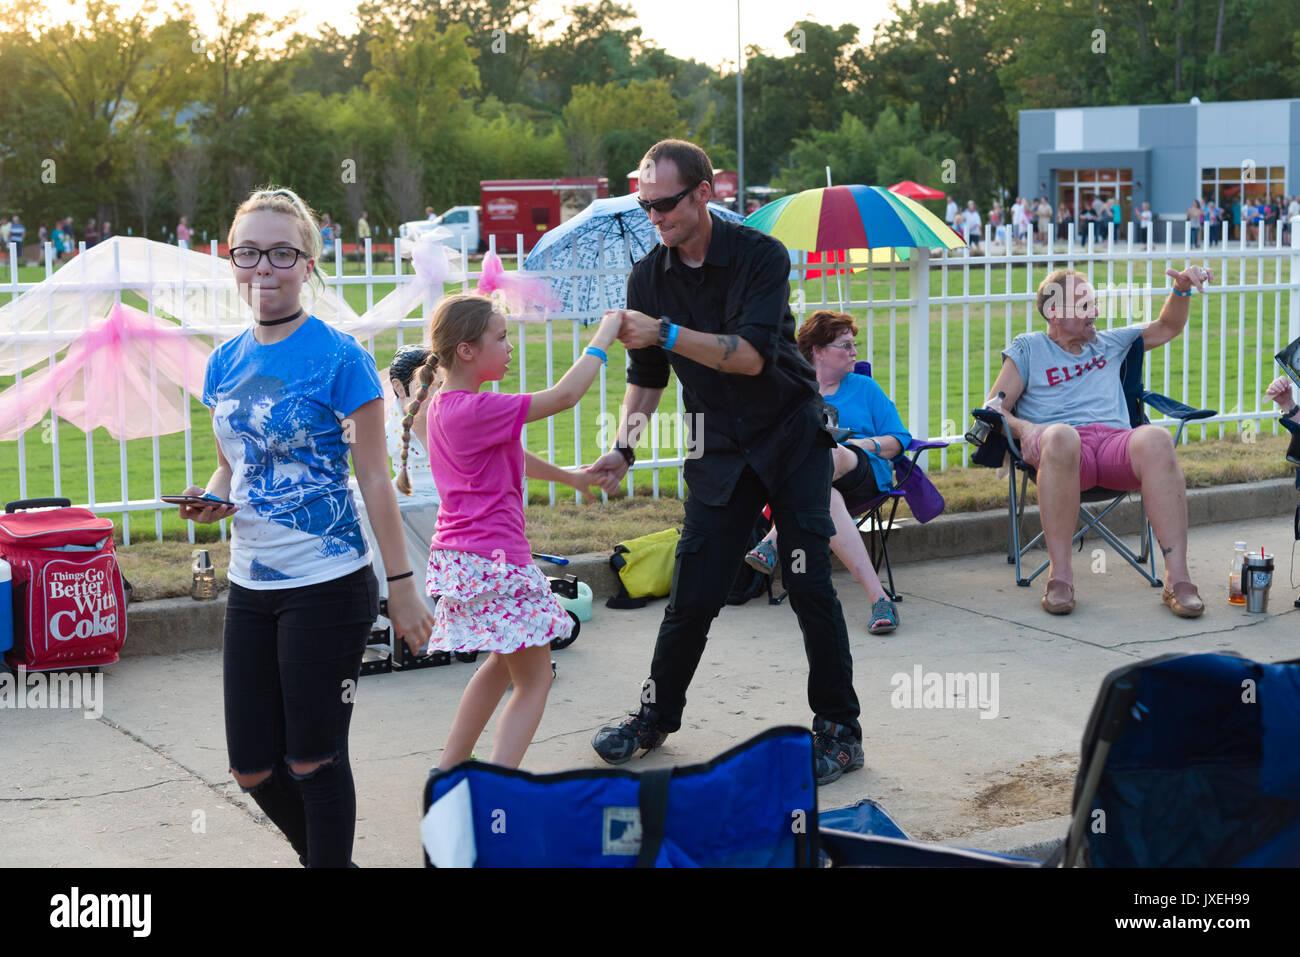 En Memphis, Tennessee, EE.UU., 15 de agosto de 2017. Semana de Elvis. Vigilia con velas. La gente paga tributo a Elvis Presley en su casa de Memphis, Graceland. La vigilia está en su 40º año. Elvis murió el 16 de agosto de 1977. Crédito: Gary Culley/Alamy Live News Foto de stock